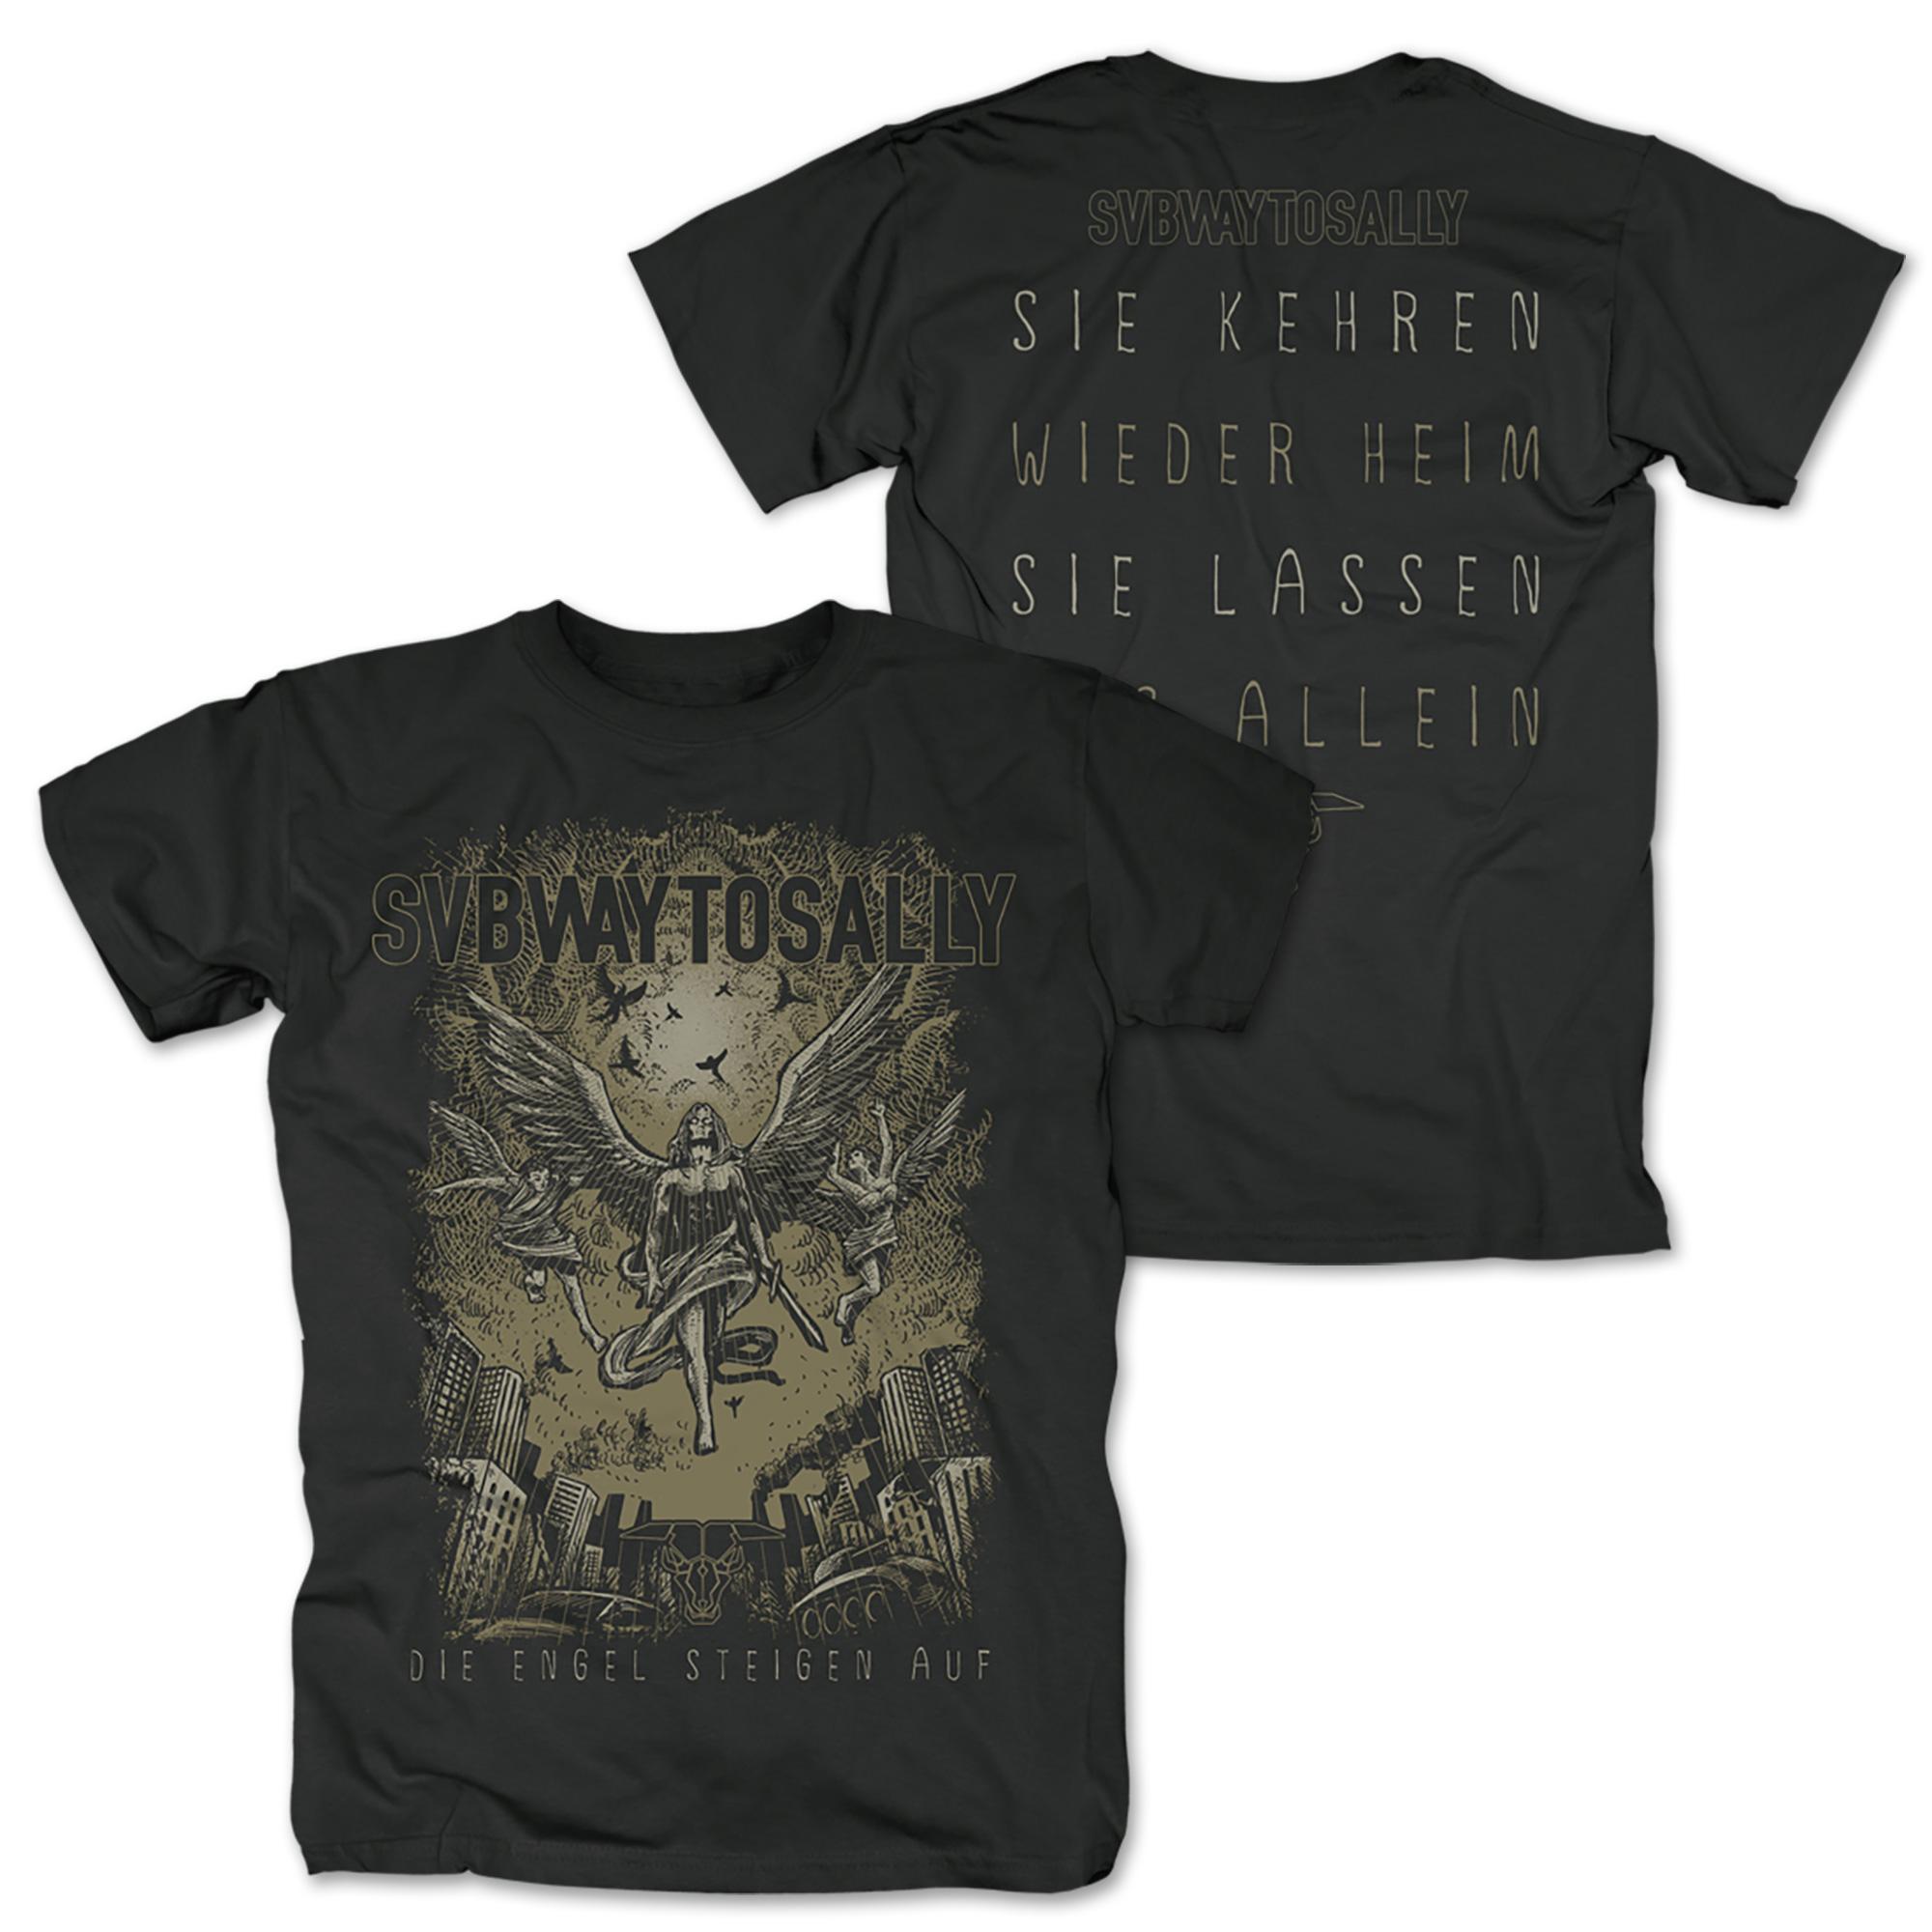 Die Engel Steigen Auf T-shirt Subway To Sally Shirts & Hemden